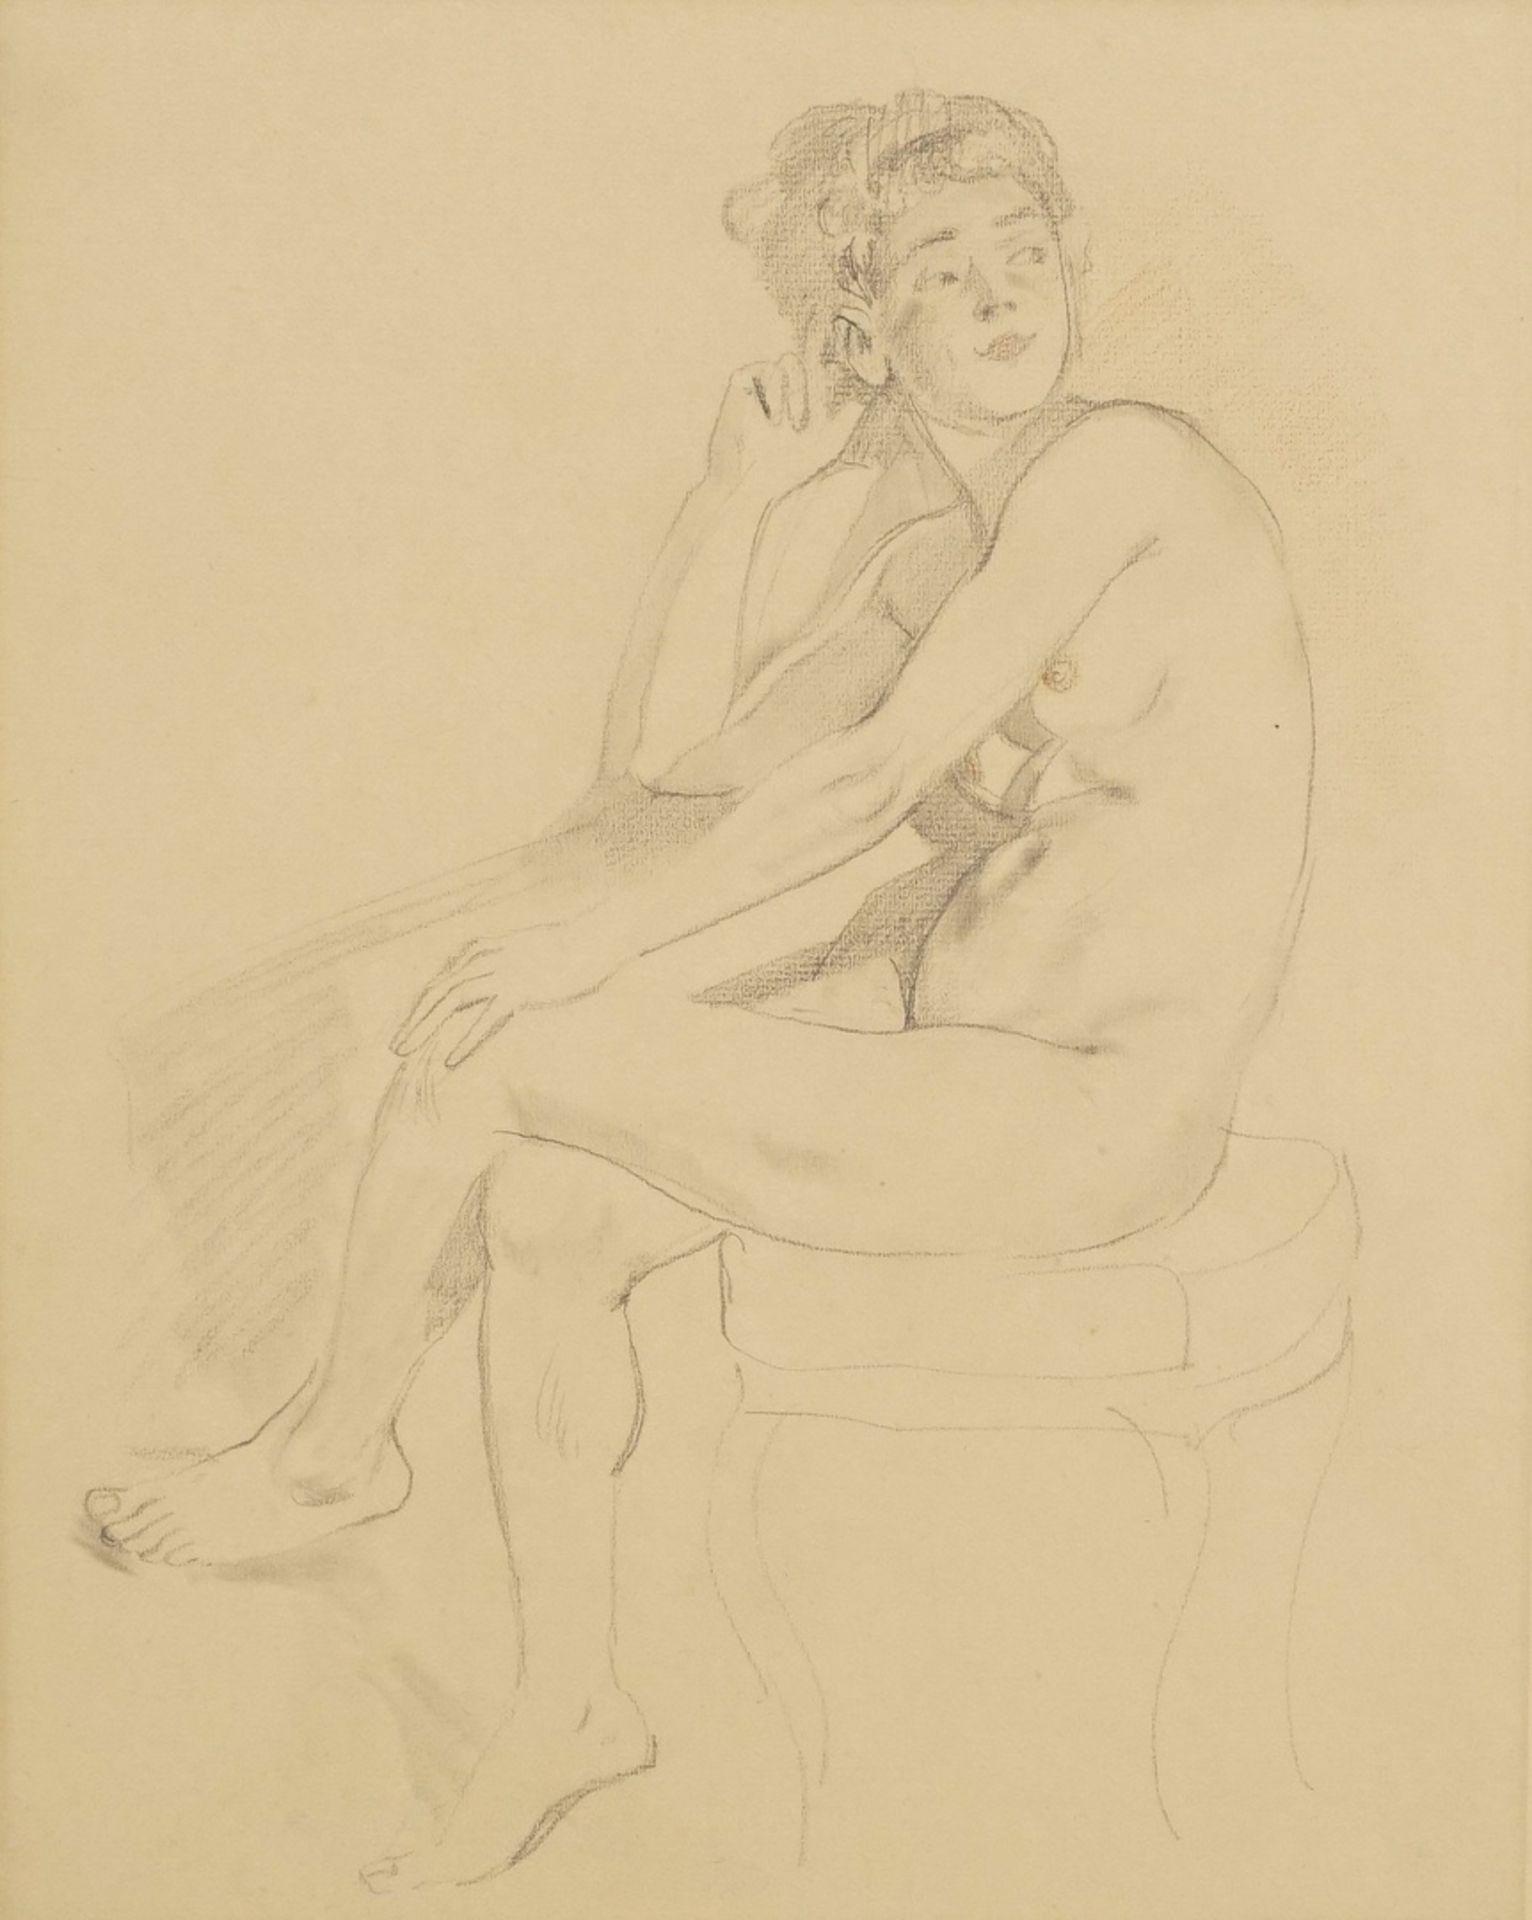 Alexander Frenz, Sitzender weiblicher Akt, die Beine übereinander geschlagen